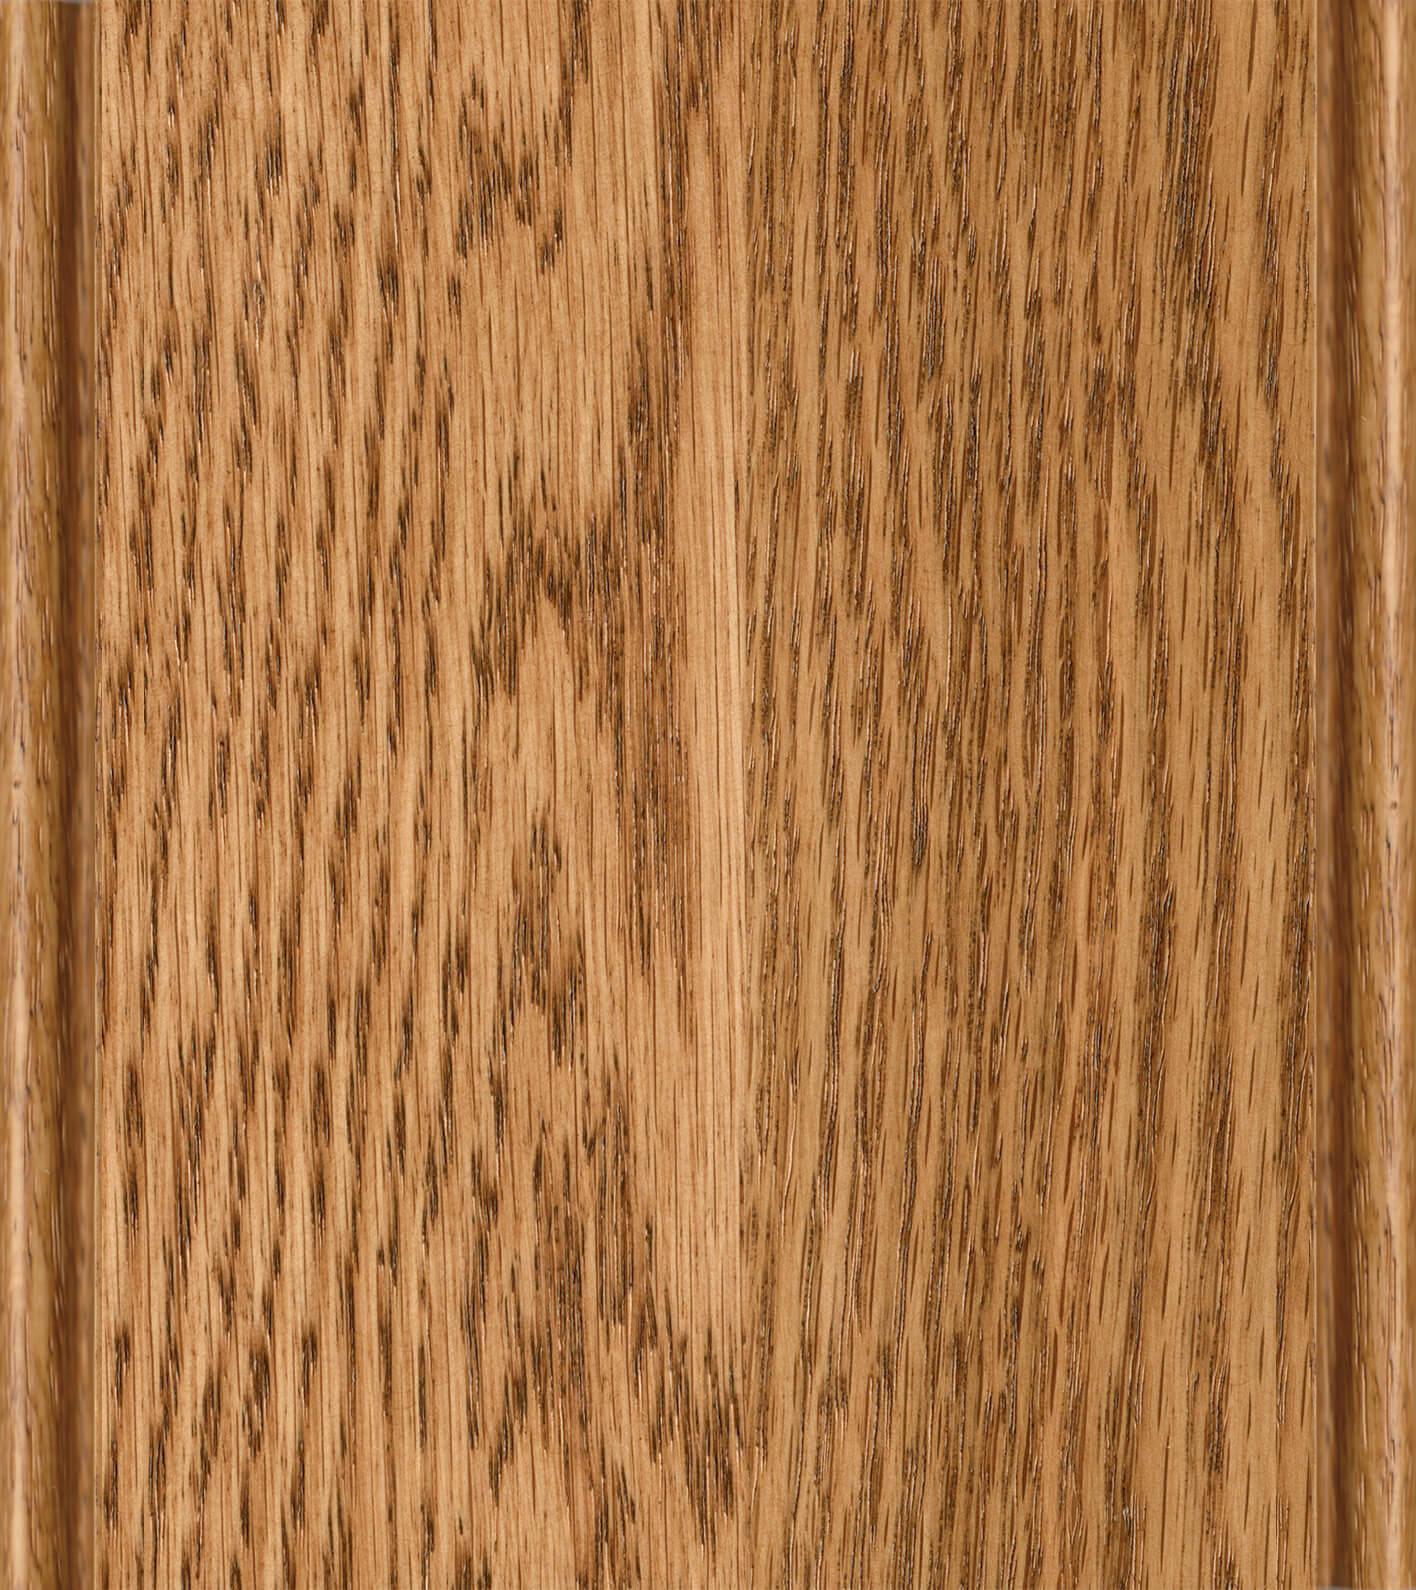 Butternut Stain on Red Oak